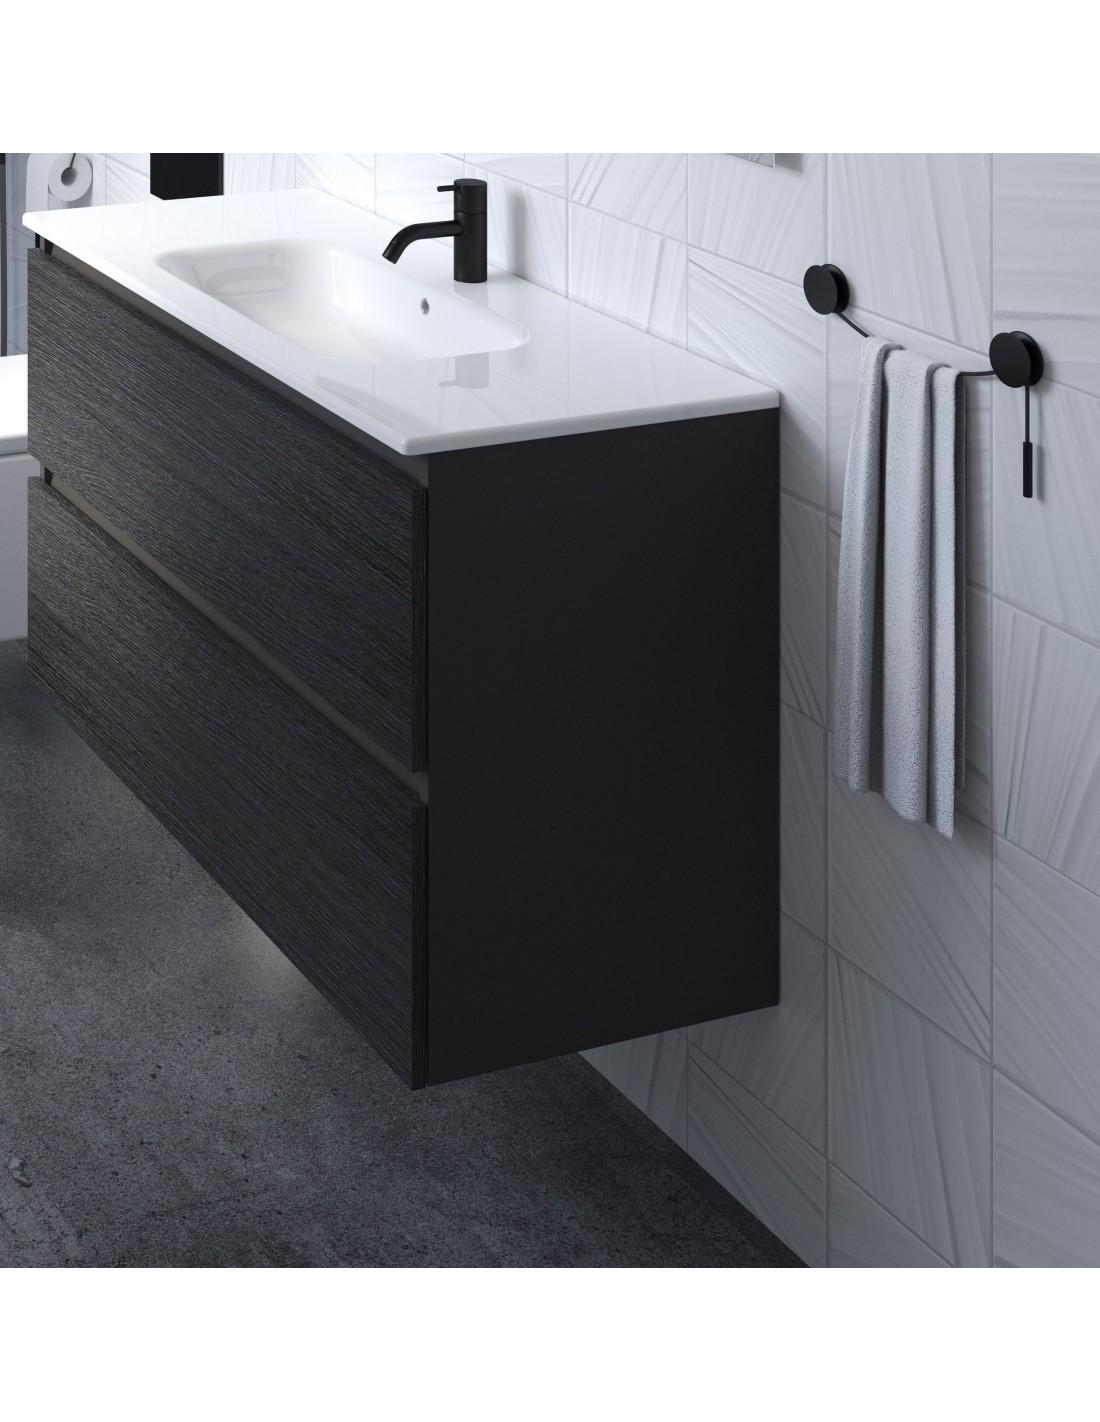 accessoires-bain-porte-serviette-chrome par Bath+